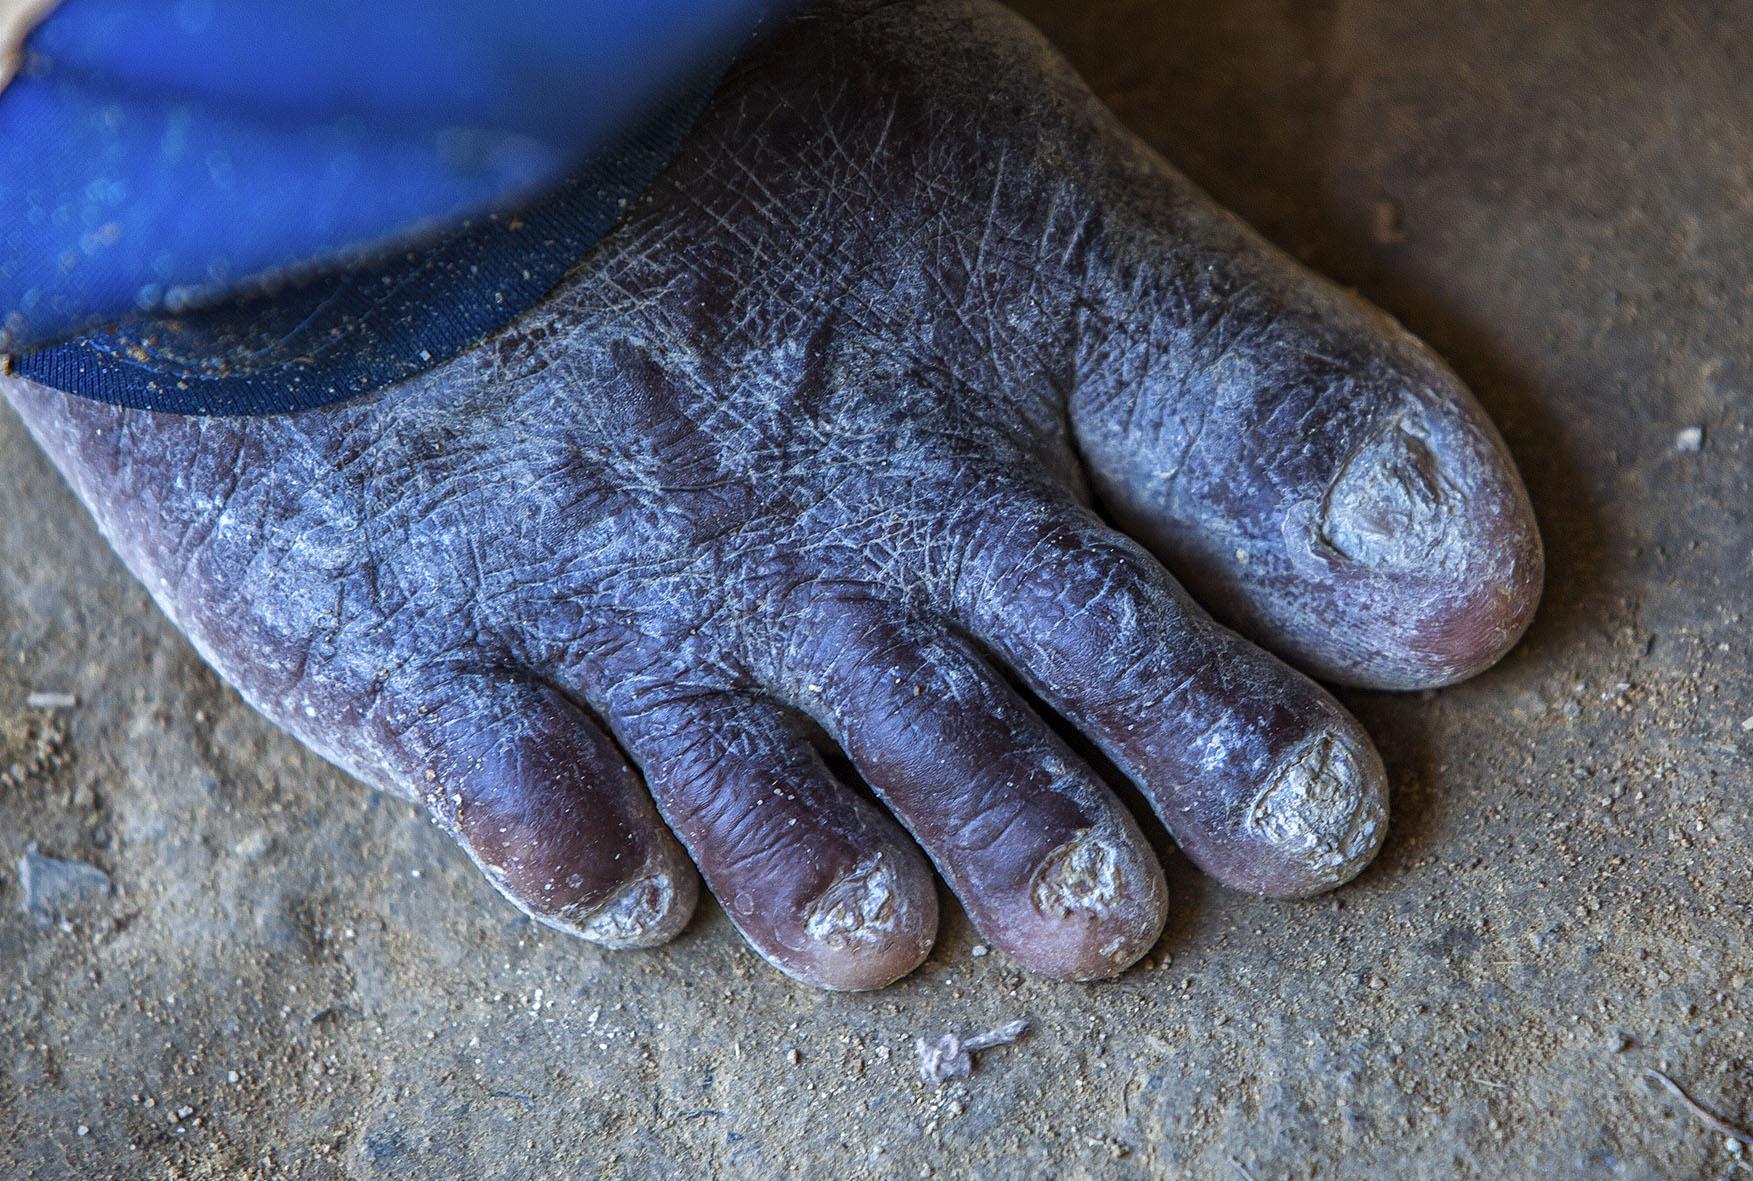 Muitos trabalhadores entravam no garimpo descalços, machucando os pés e pernas